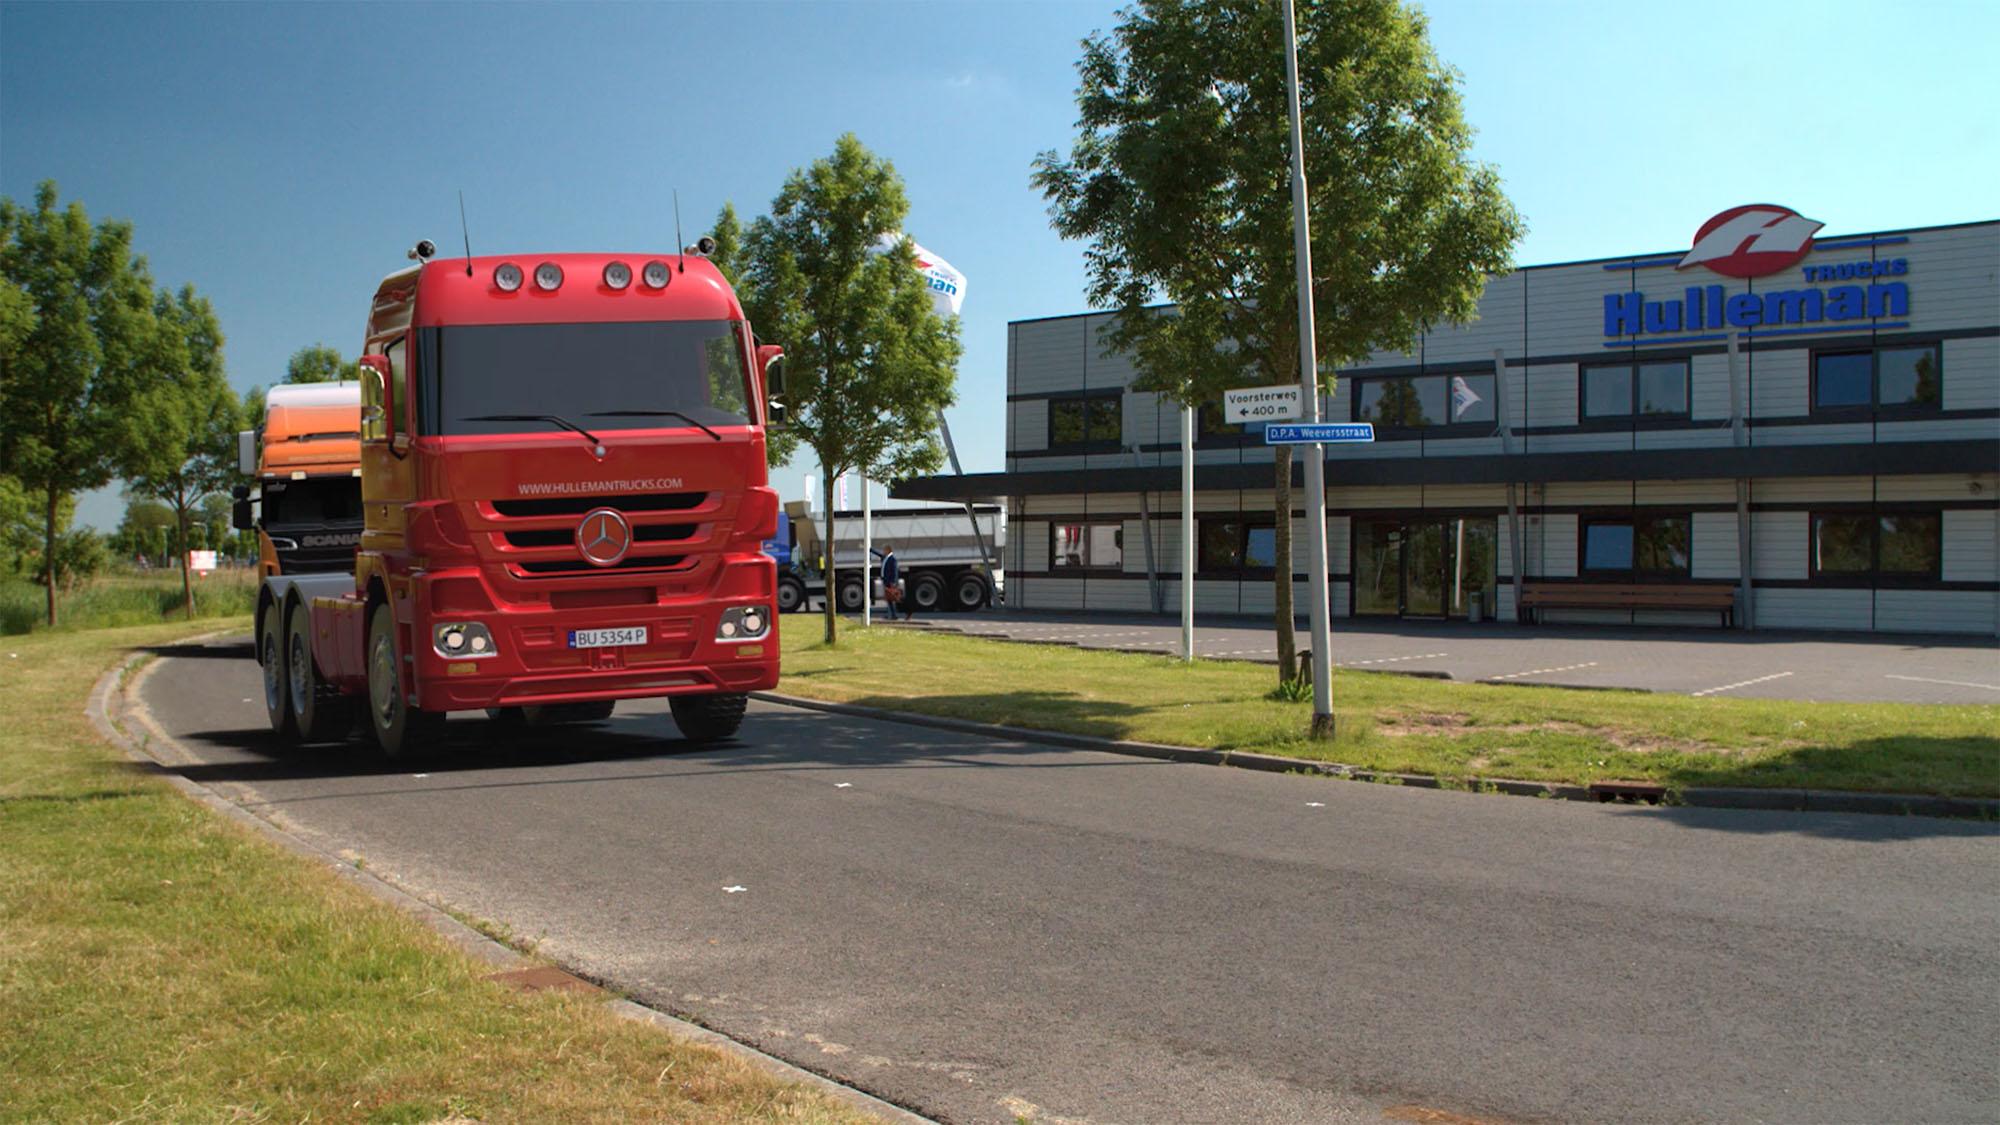 3D animatie van een vrachtwagen voor het gebouw van Hulleman Trucks